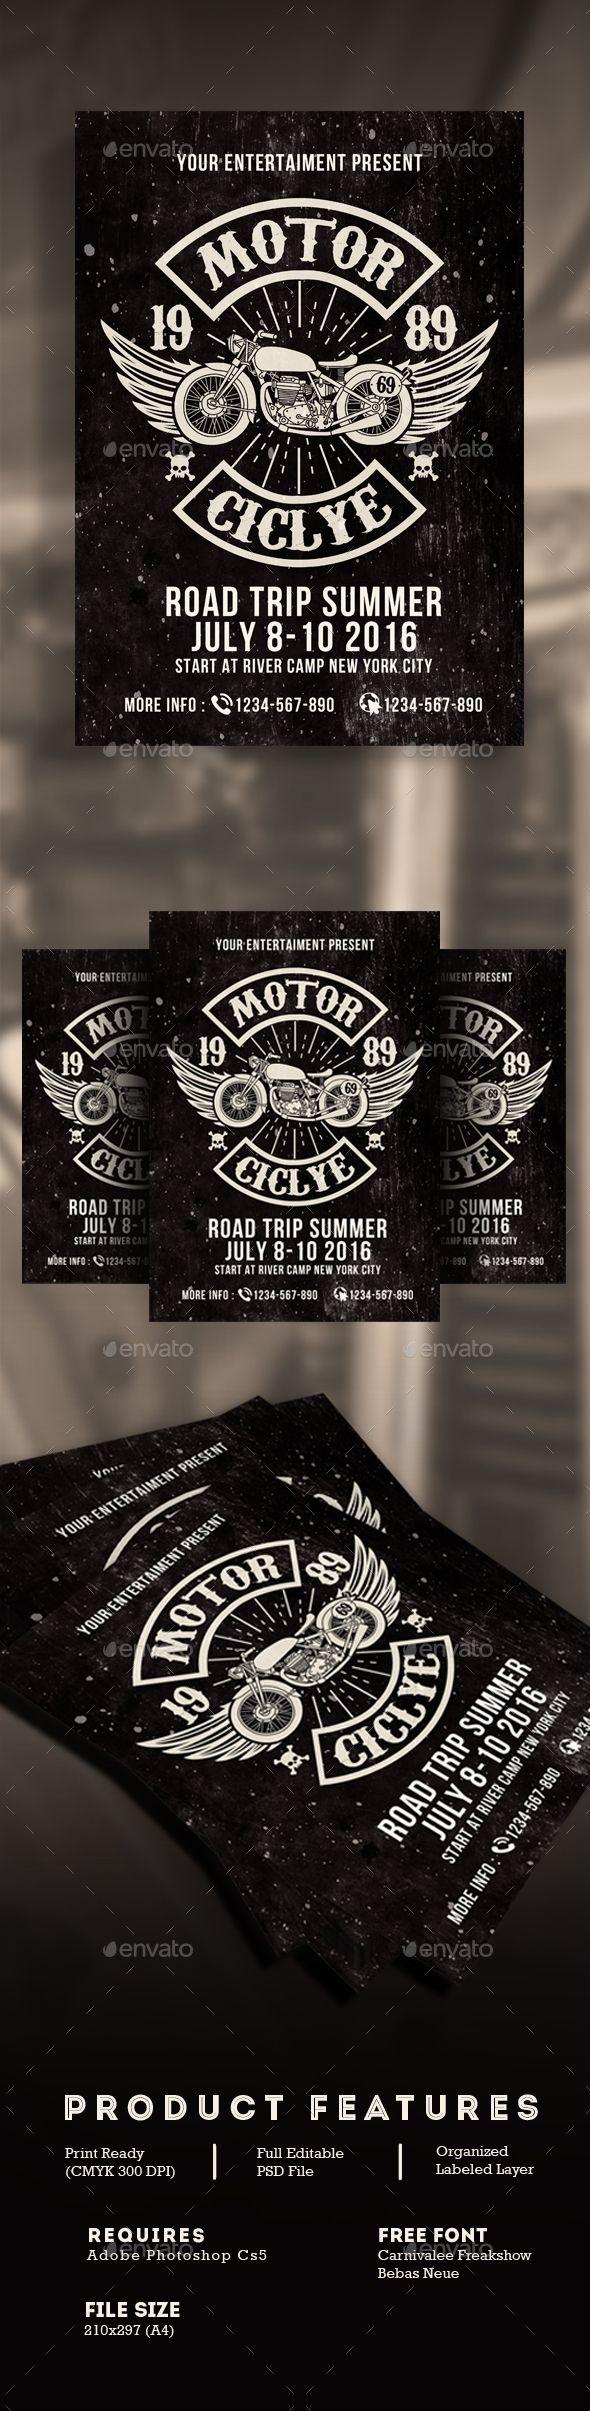 Motorcycle Club Logo Design Templates Valoblogi Com